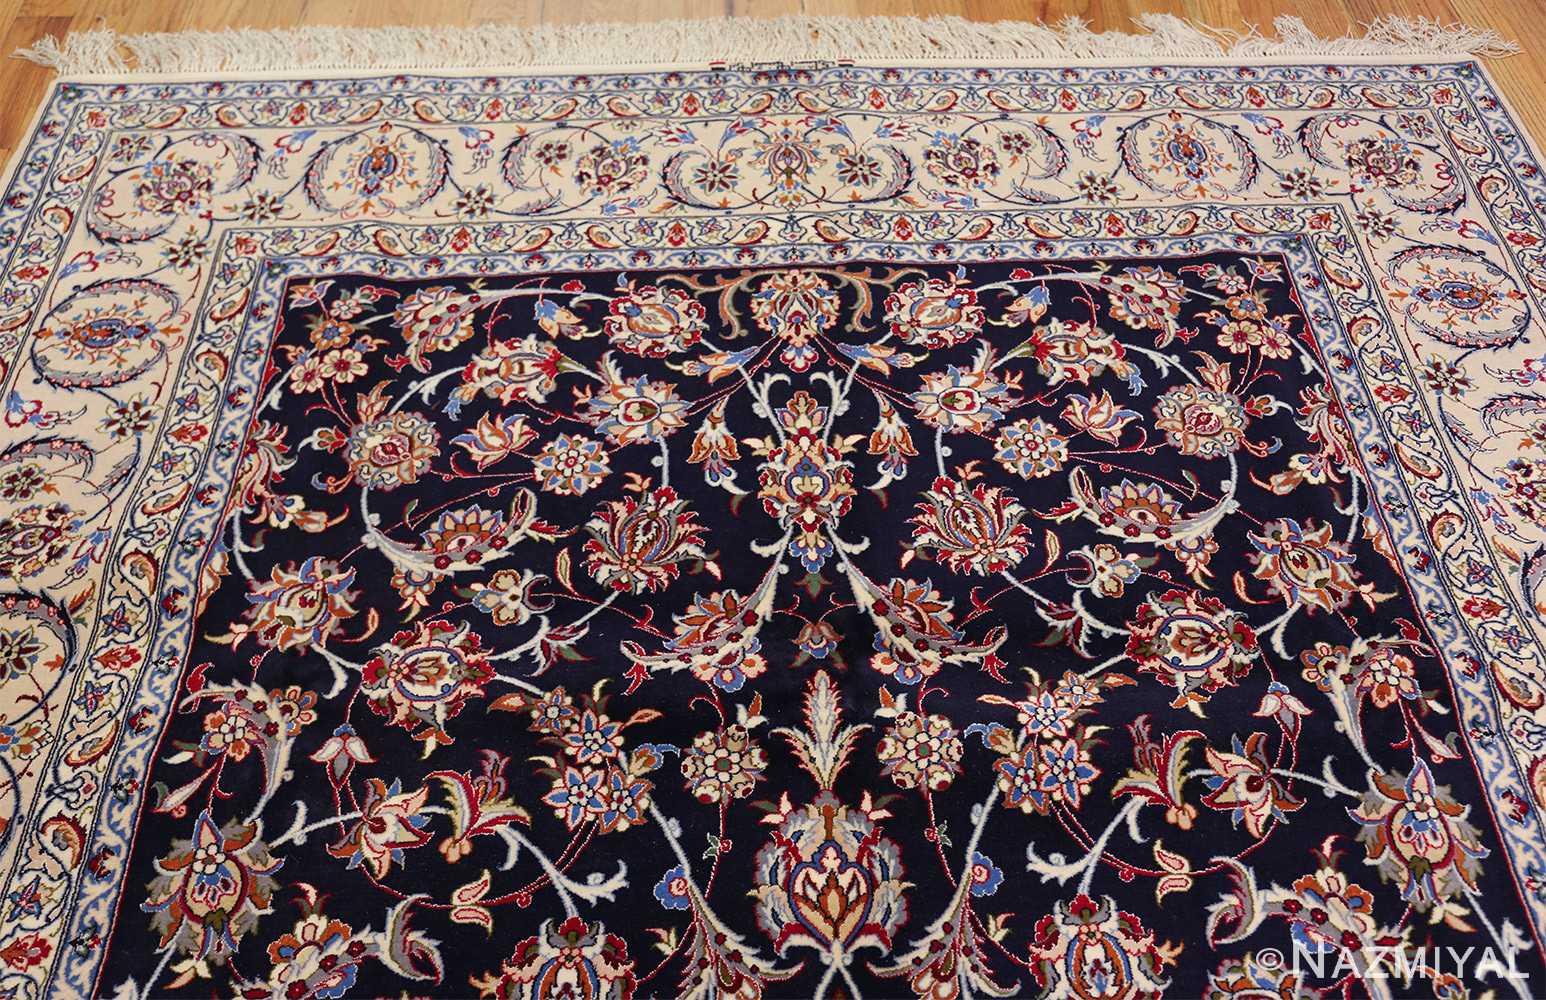 navy background silk and wool isfahan persian rug 49534 top Nazmiyal